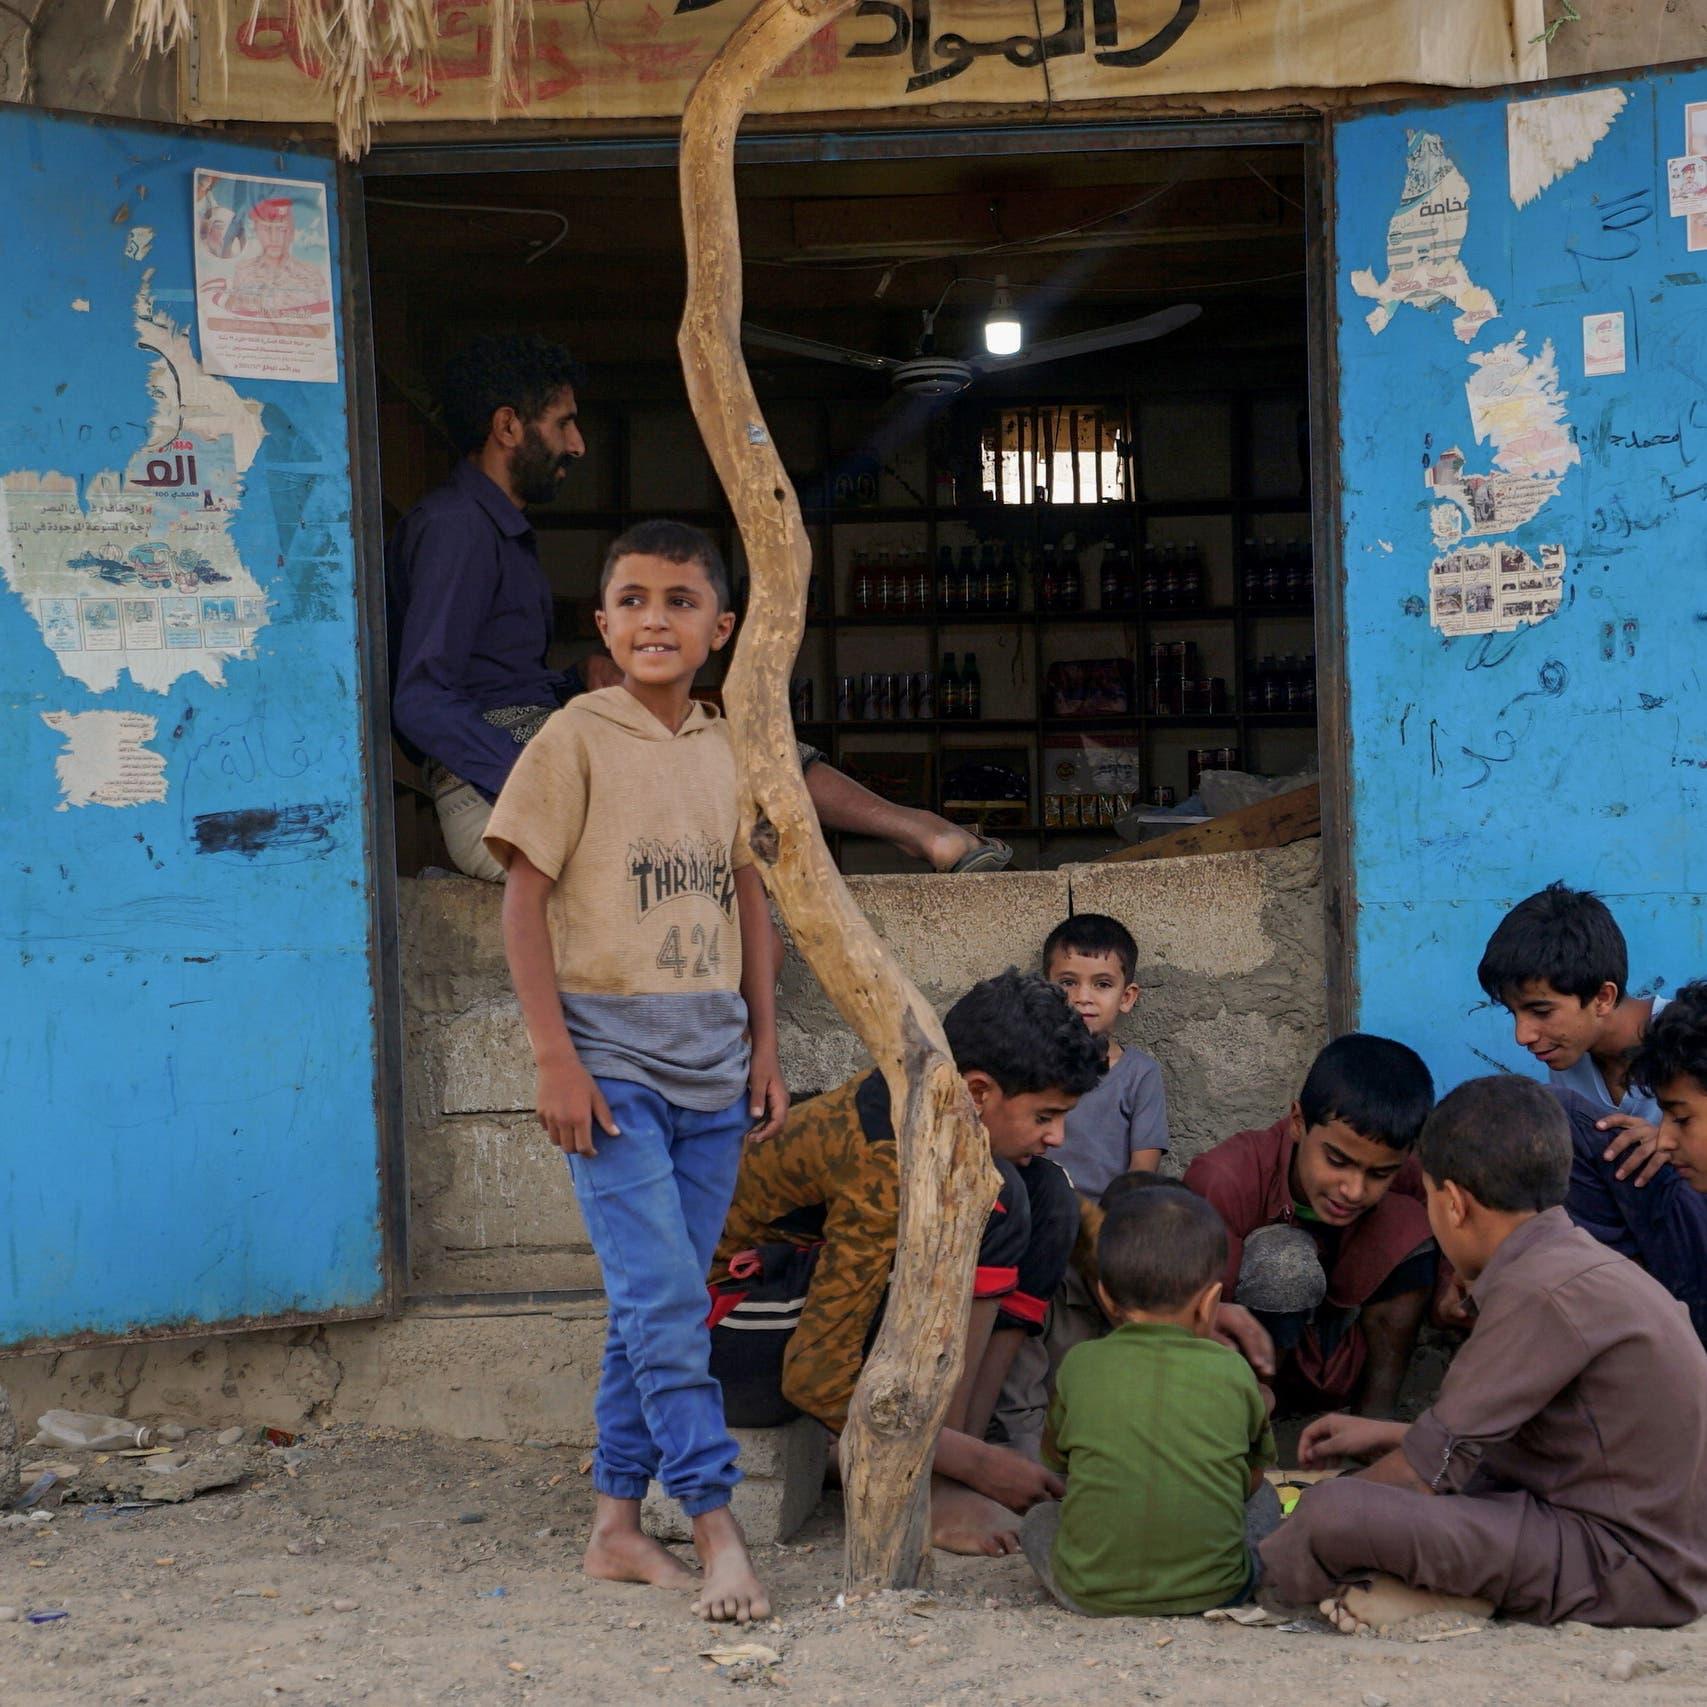 نازحو مأرب تركوا منازلهم: لماذا يلاحقنا الحوثي إلى هنا؟